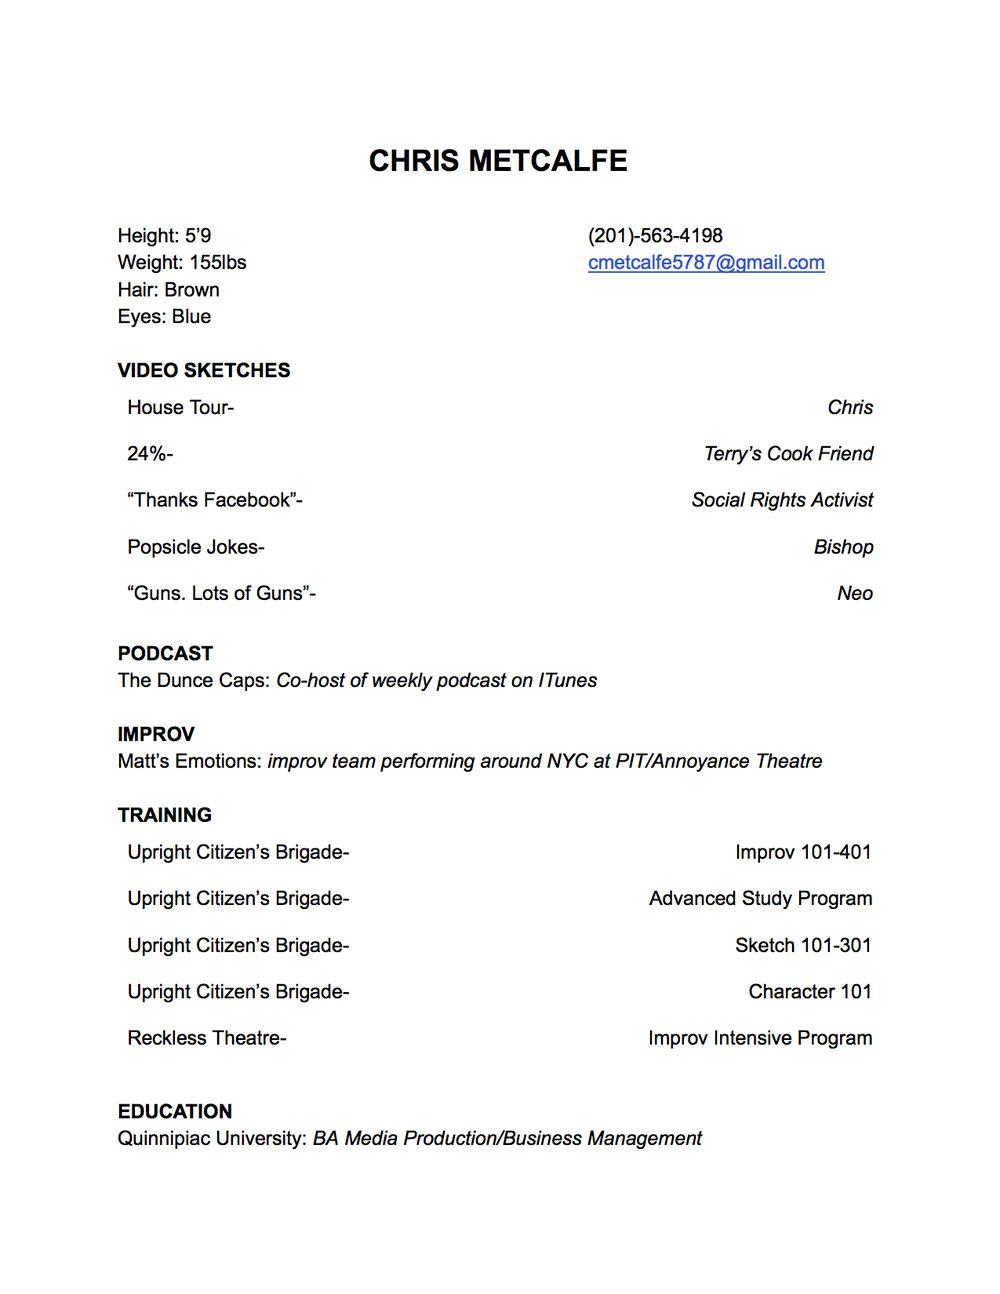 C. Metcalfe Resume 11_17_16.jpg